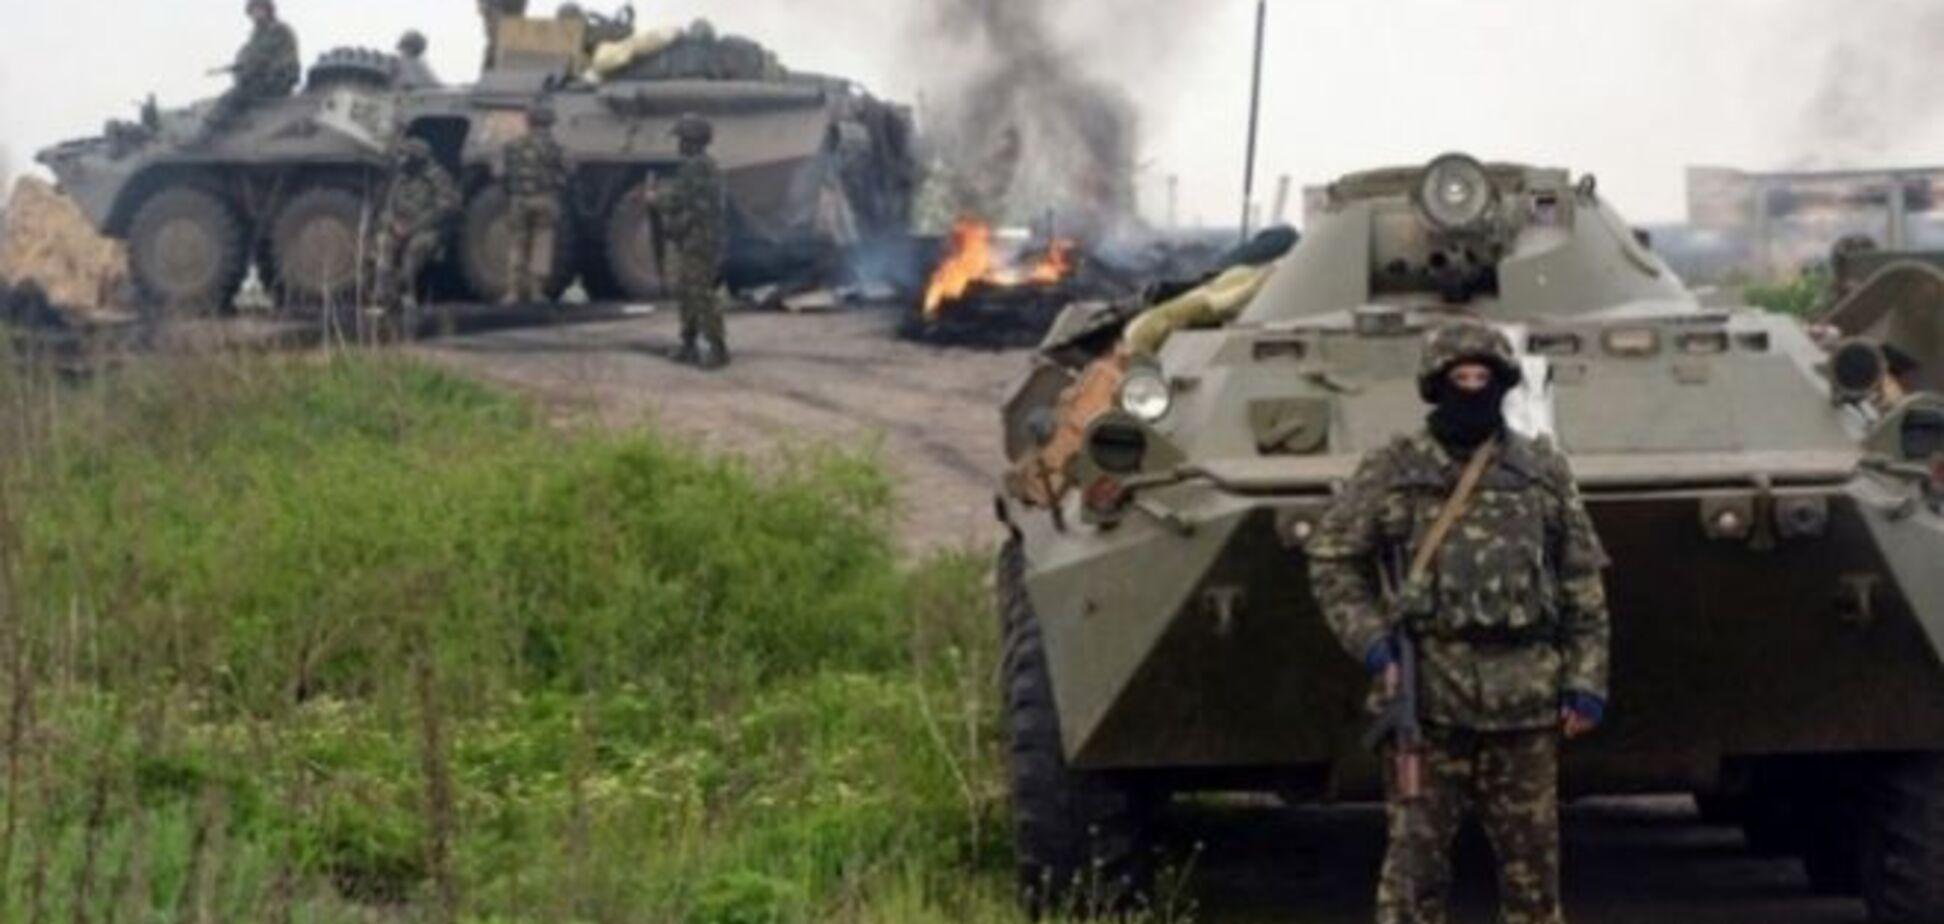 Ташбаев объяснил, что на самом деле происходит на Донбассе